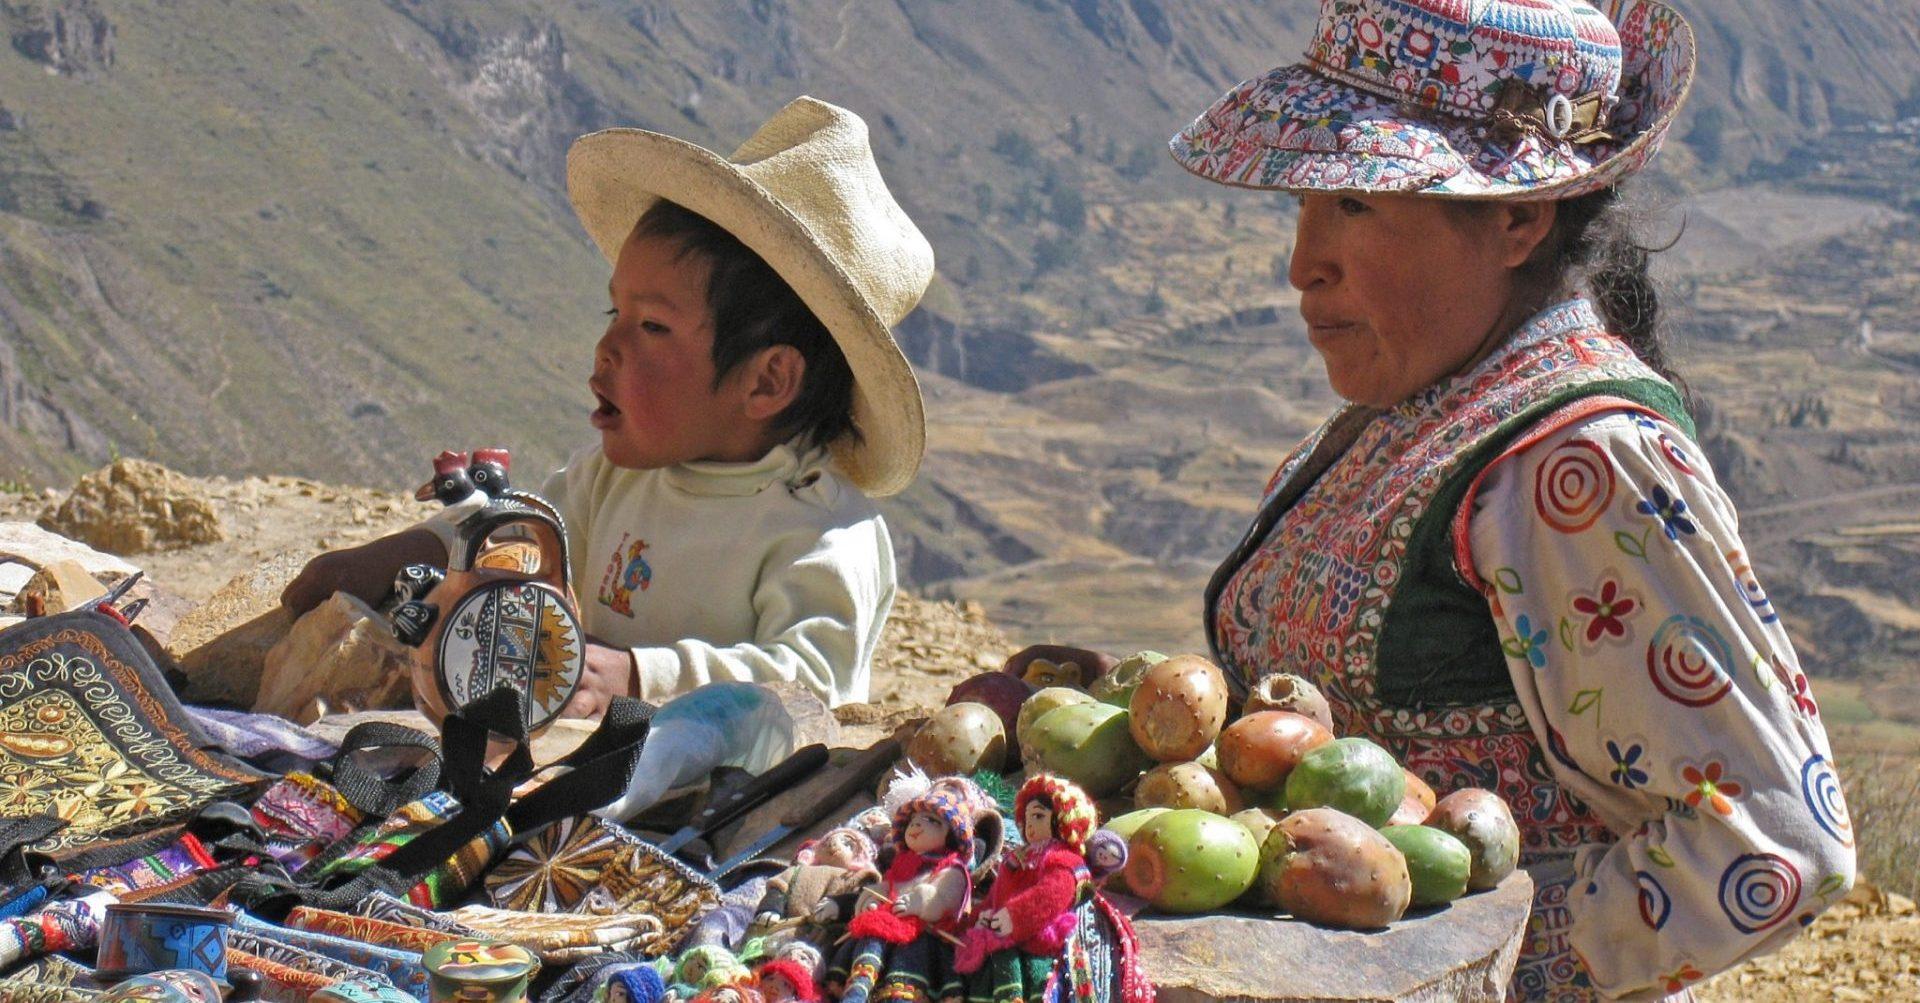 Peru, einheimische Frau und Junge mit Waren, Anden, Latin America Tours, Reisen